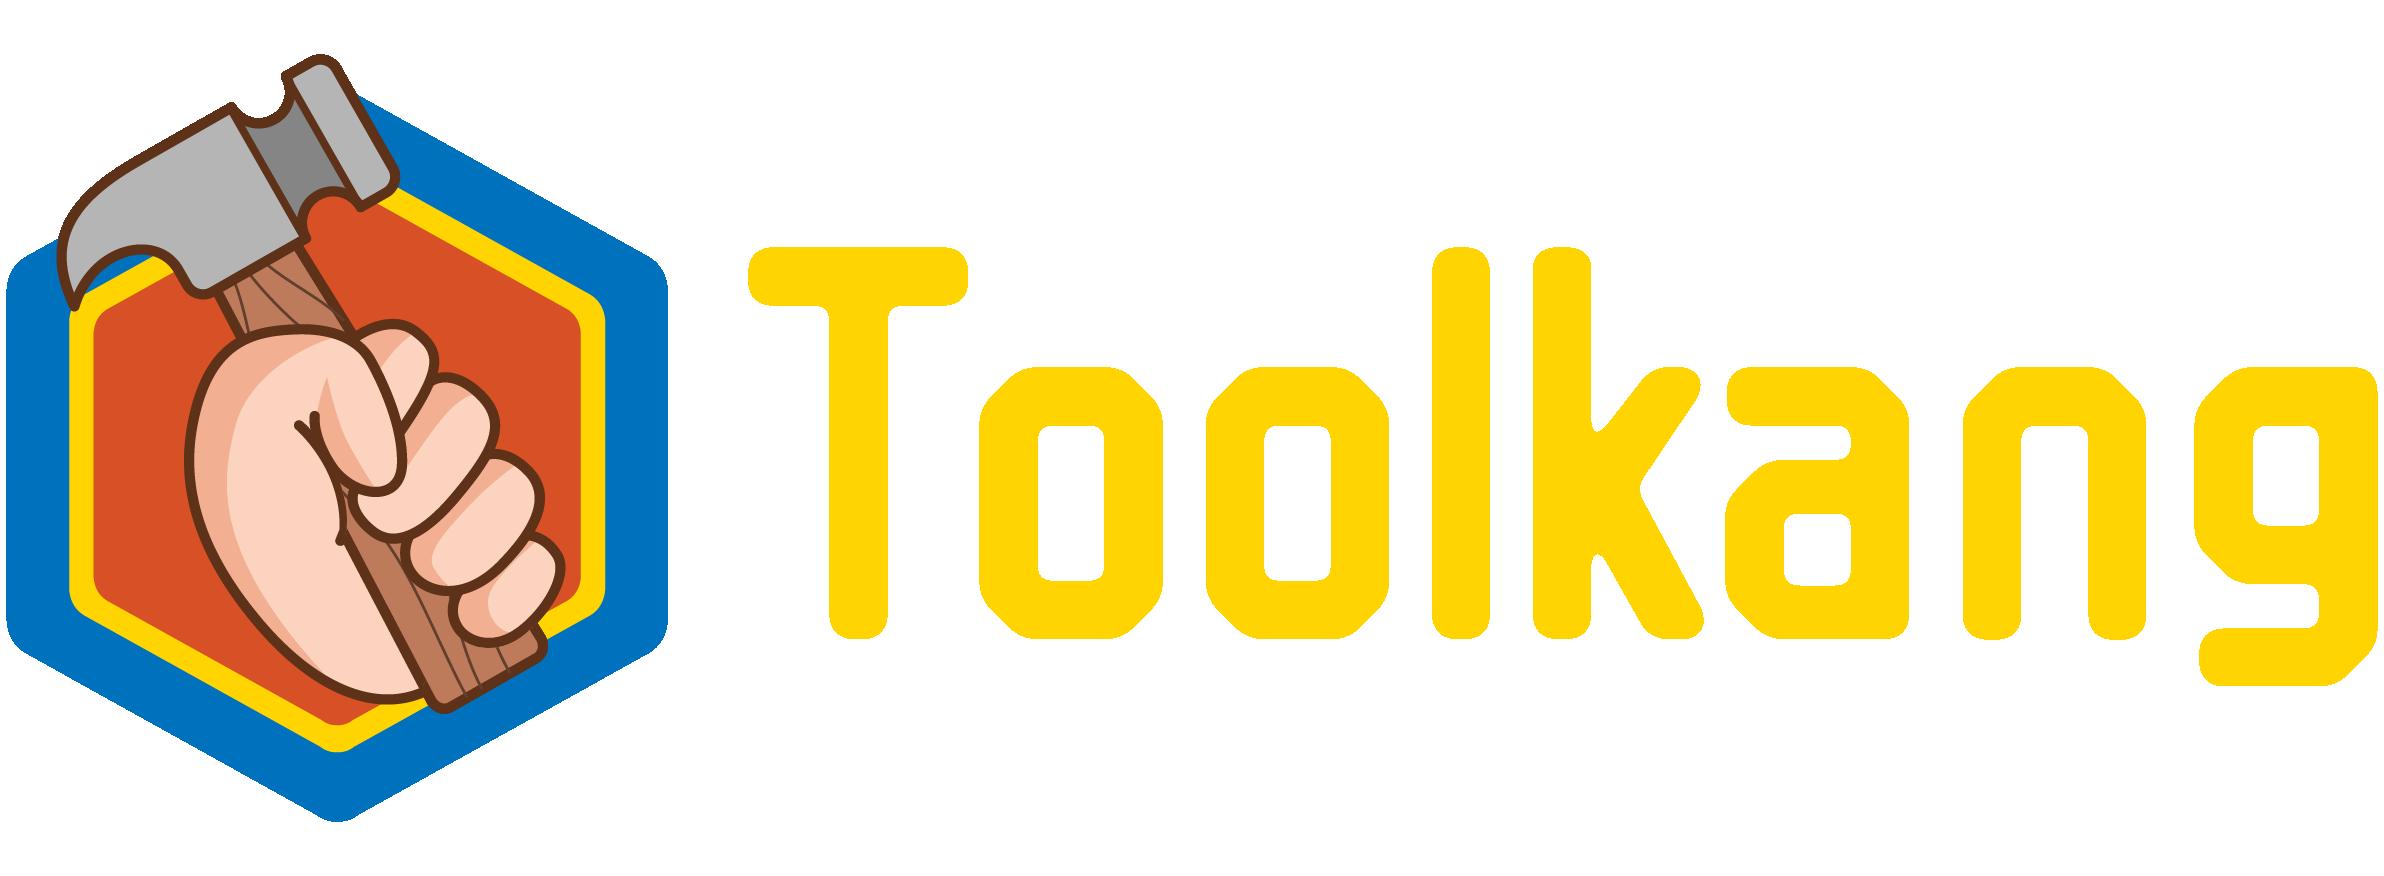 Toolkang Equipment Store